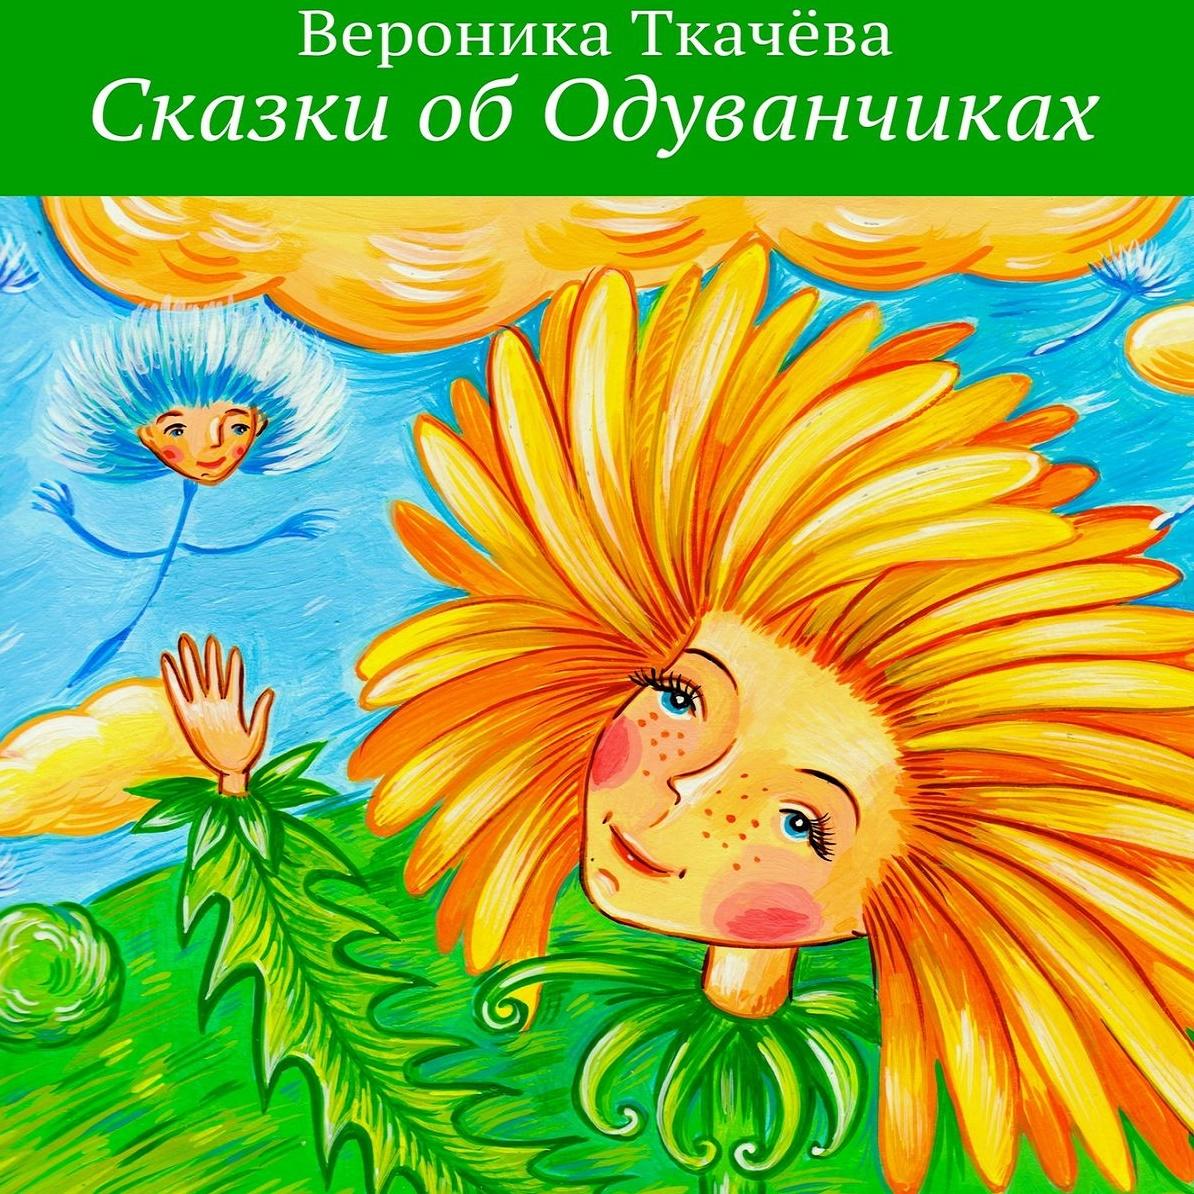 Вероника Ткачёва Сказки обОдуванчиках мальчик одуванчик и три ключика